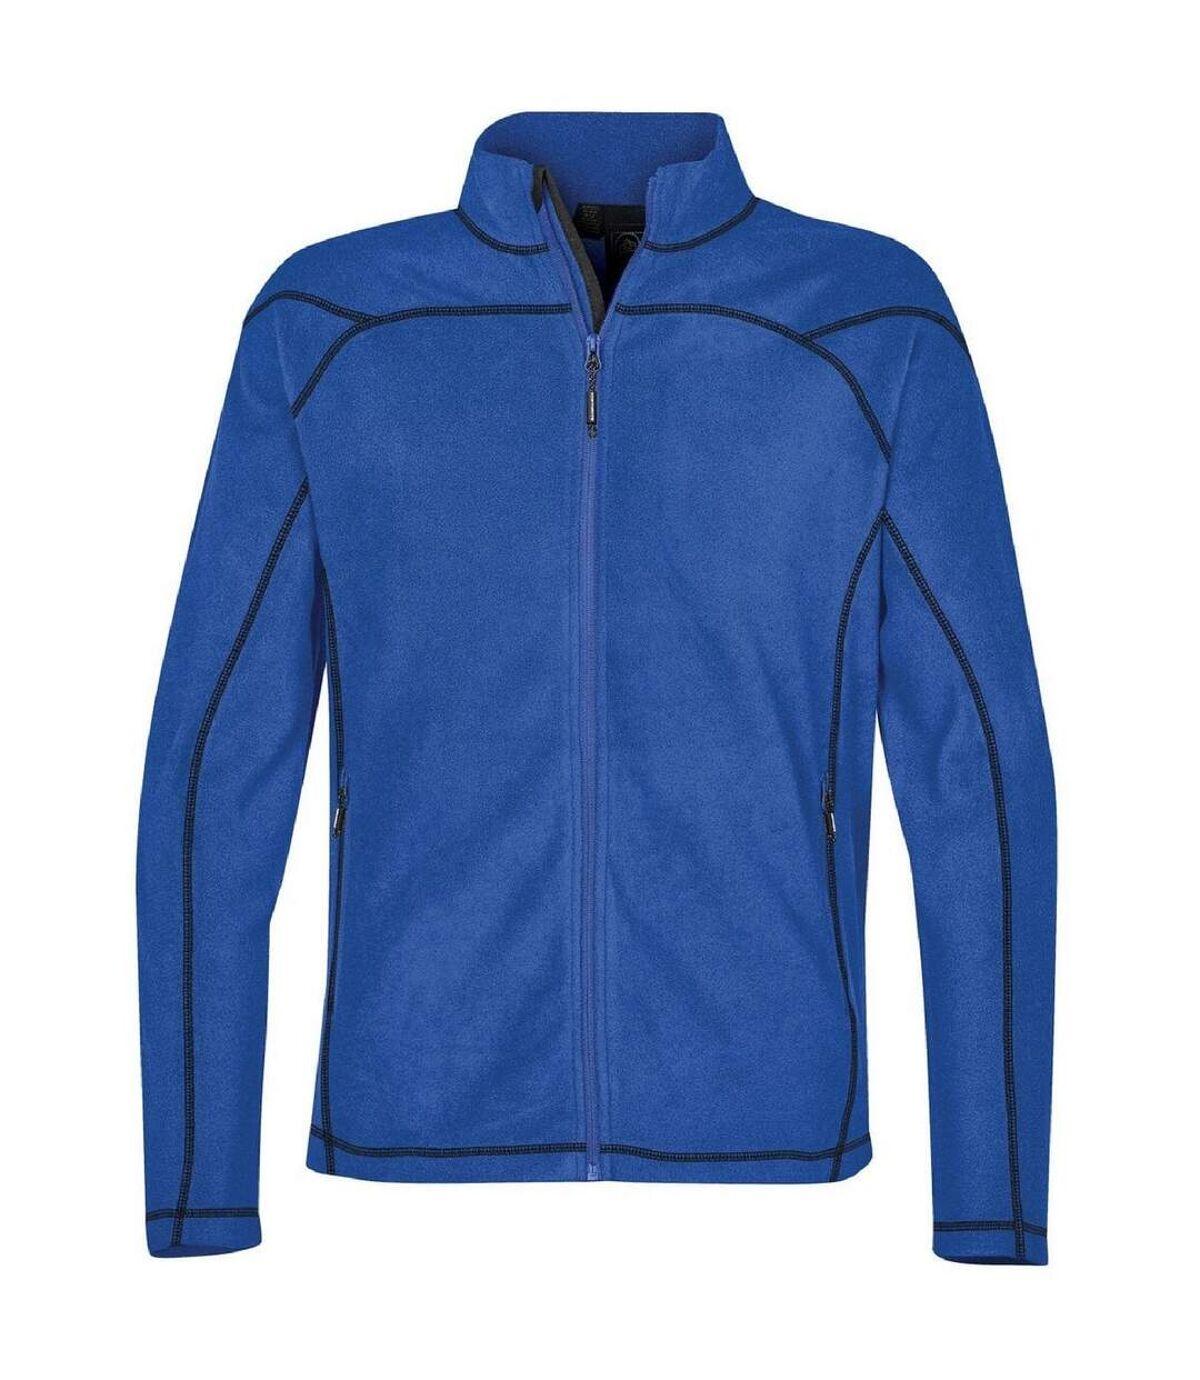 Stormtech Mens Reactor Fleece Shell Jacket (Azure Blue) - UTBC3889